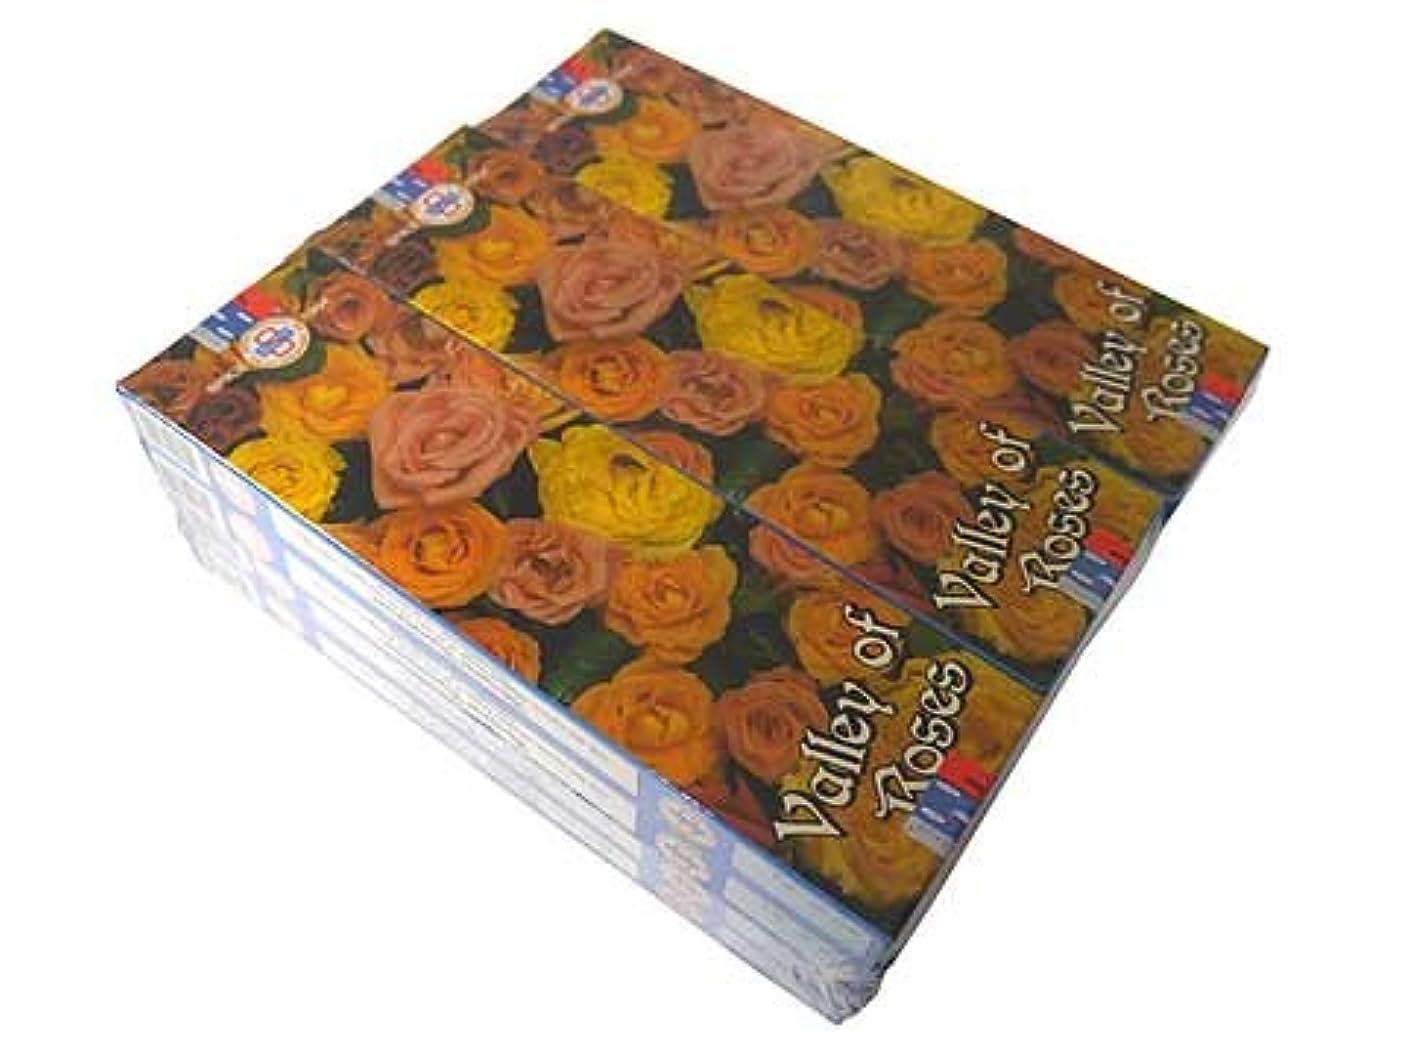 アブストラクト省略ウィザードSATYA(サチャ) バレーオブローズ香スティック マサラタイプVALLEY OF ROSE 12箱セット